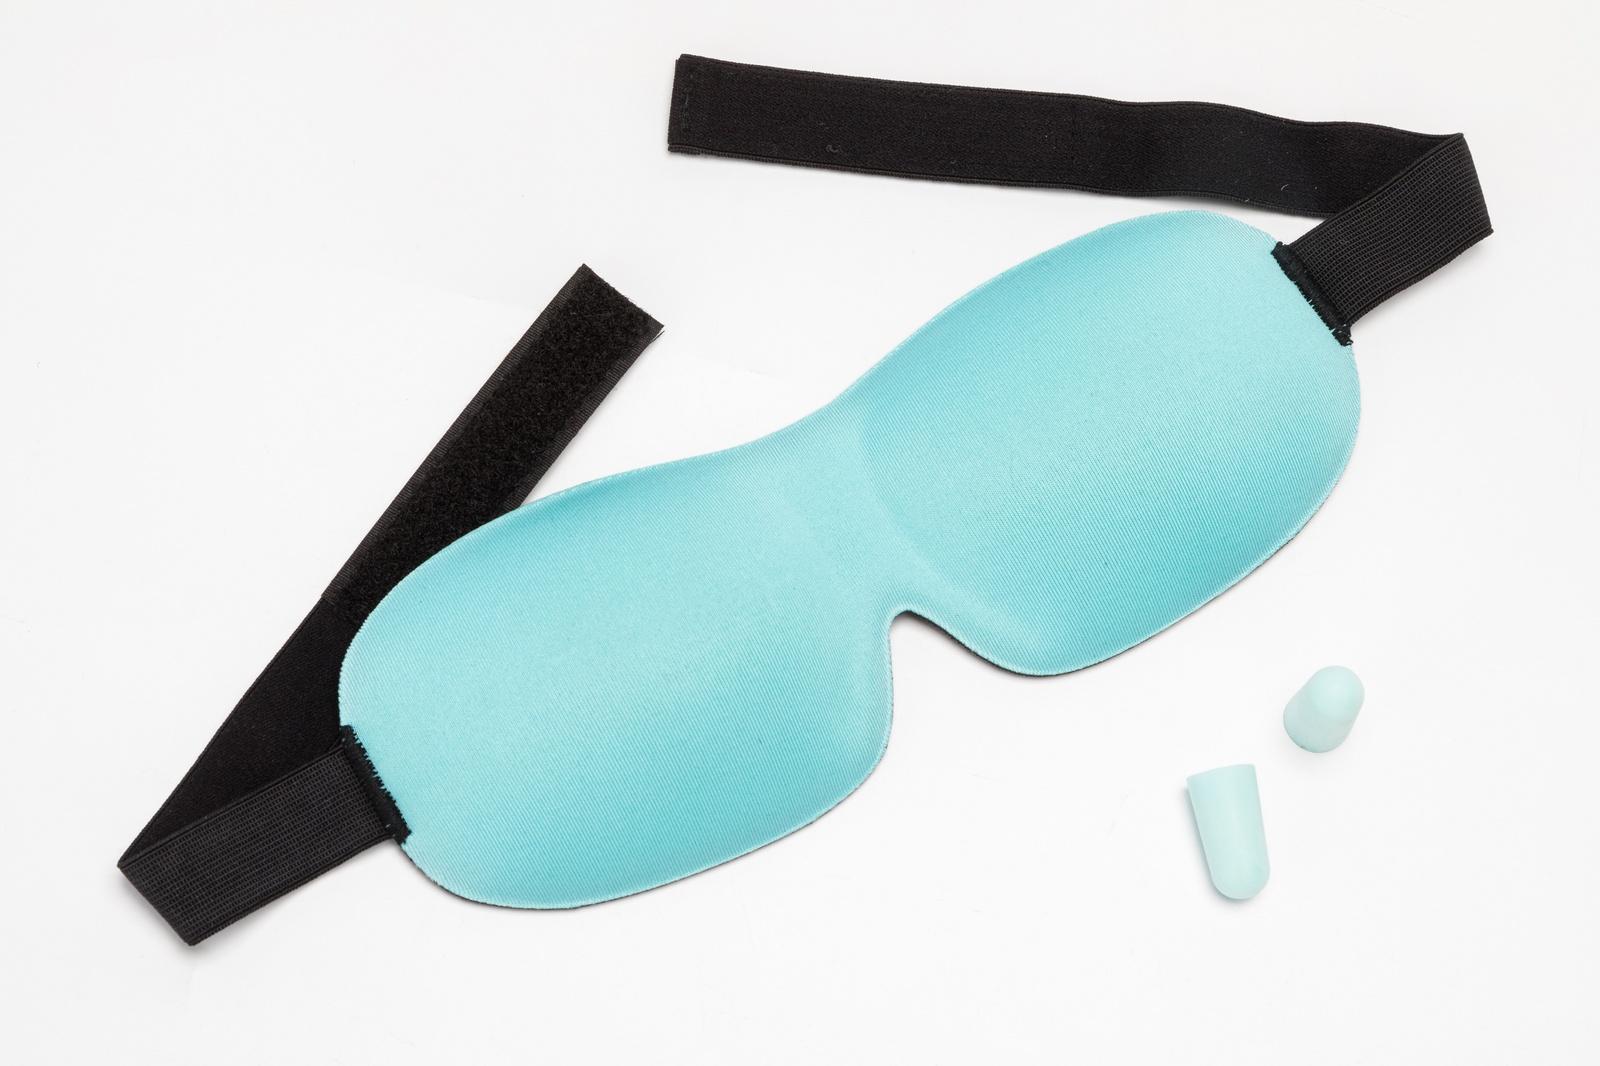 3D маска и беруши для сна Bradex Сладкие сны бирюзовая клинса беруши 2 1 пара